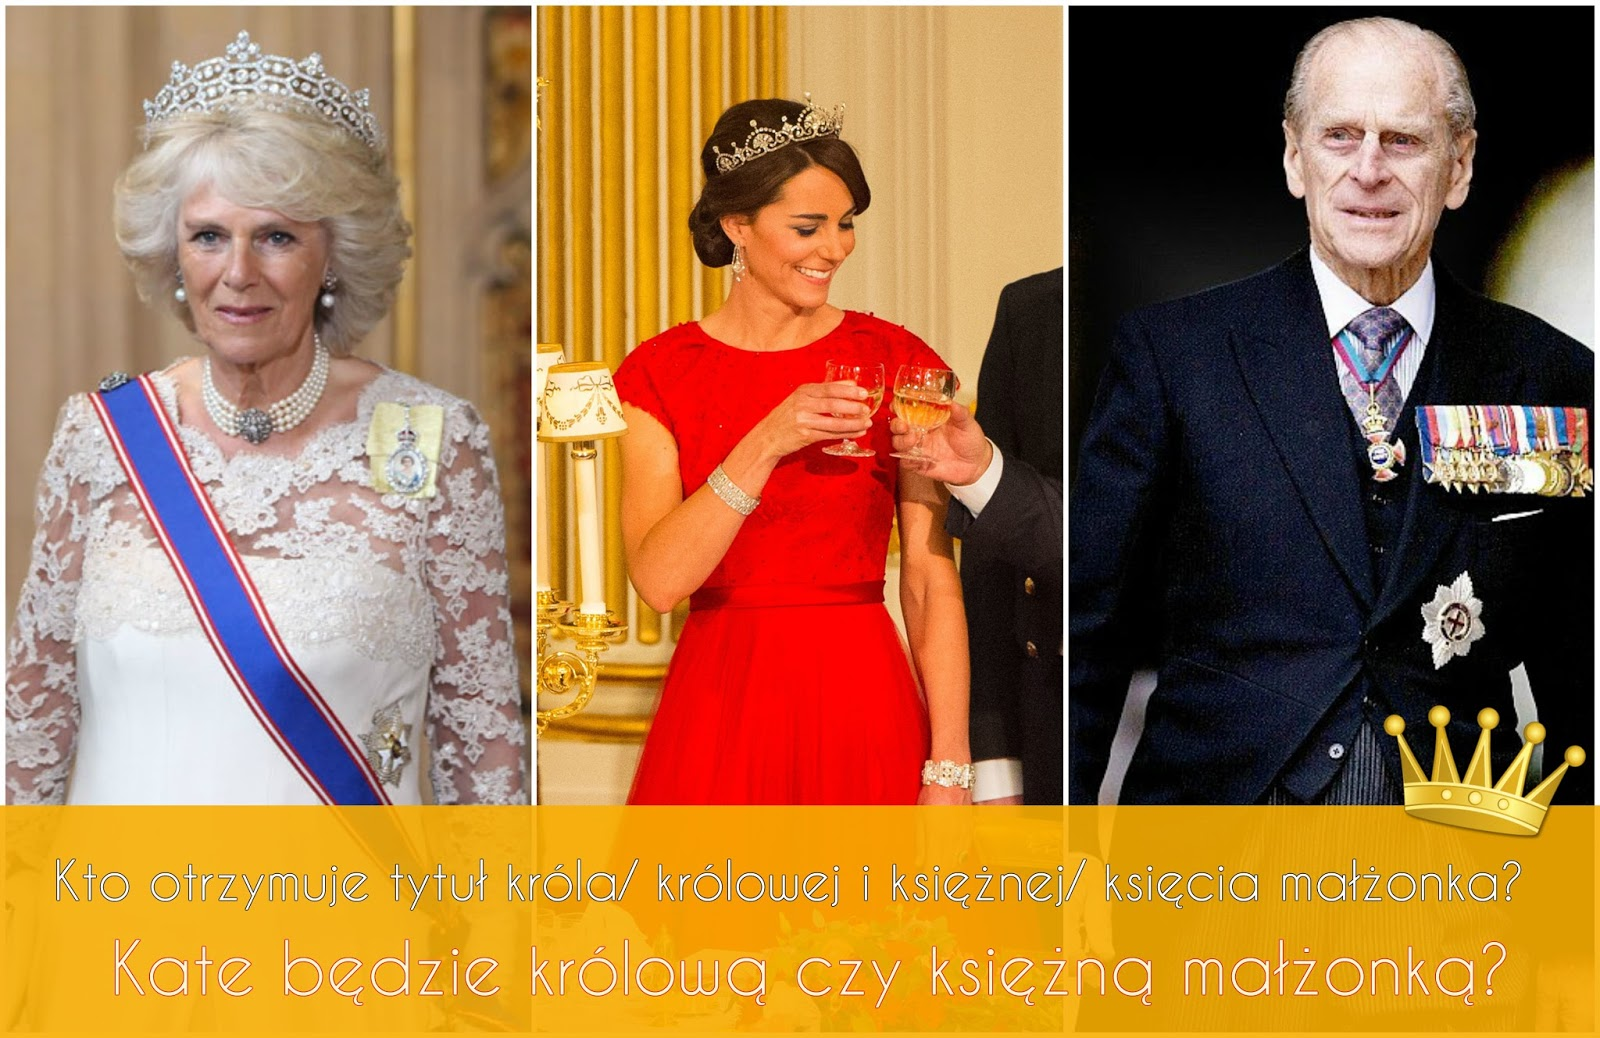 052e170056 Kto otrzymuje tytuł króla  królowej i księżnej  księcia małżonka ...